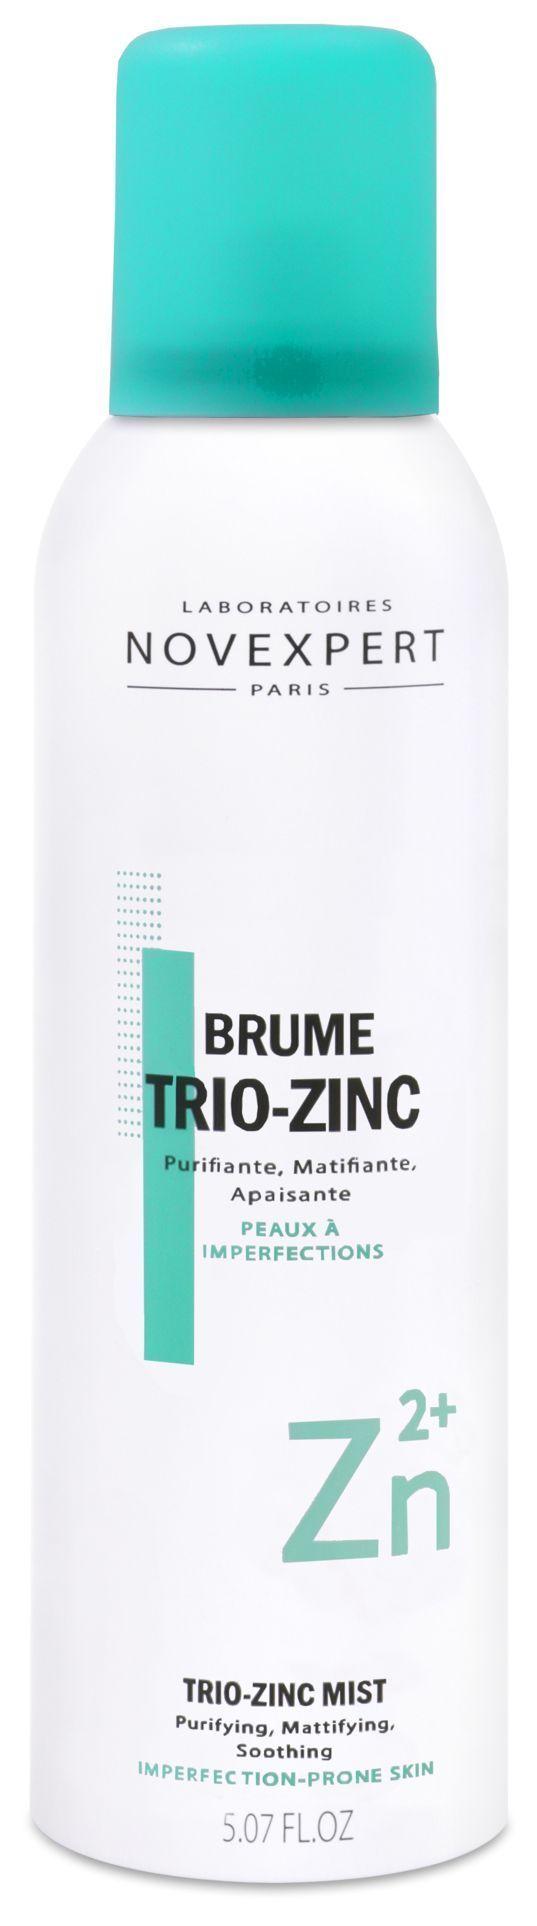 La Brume Trio-Zinc Novexpert contre les boutons.